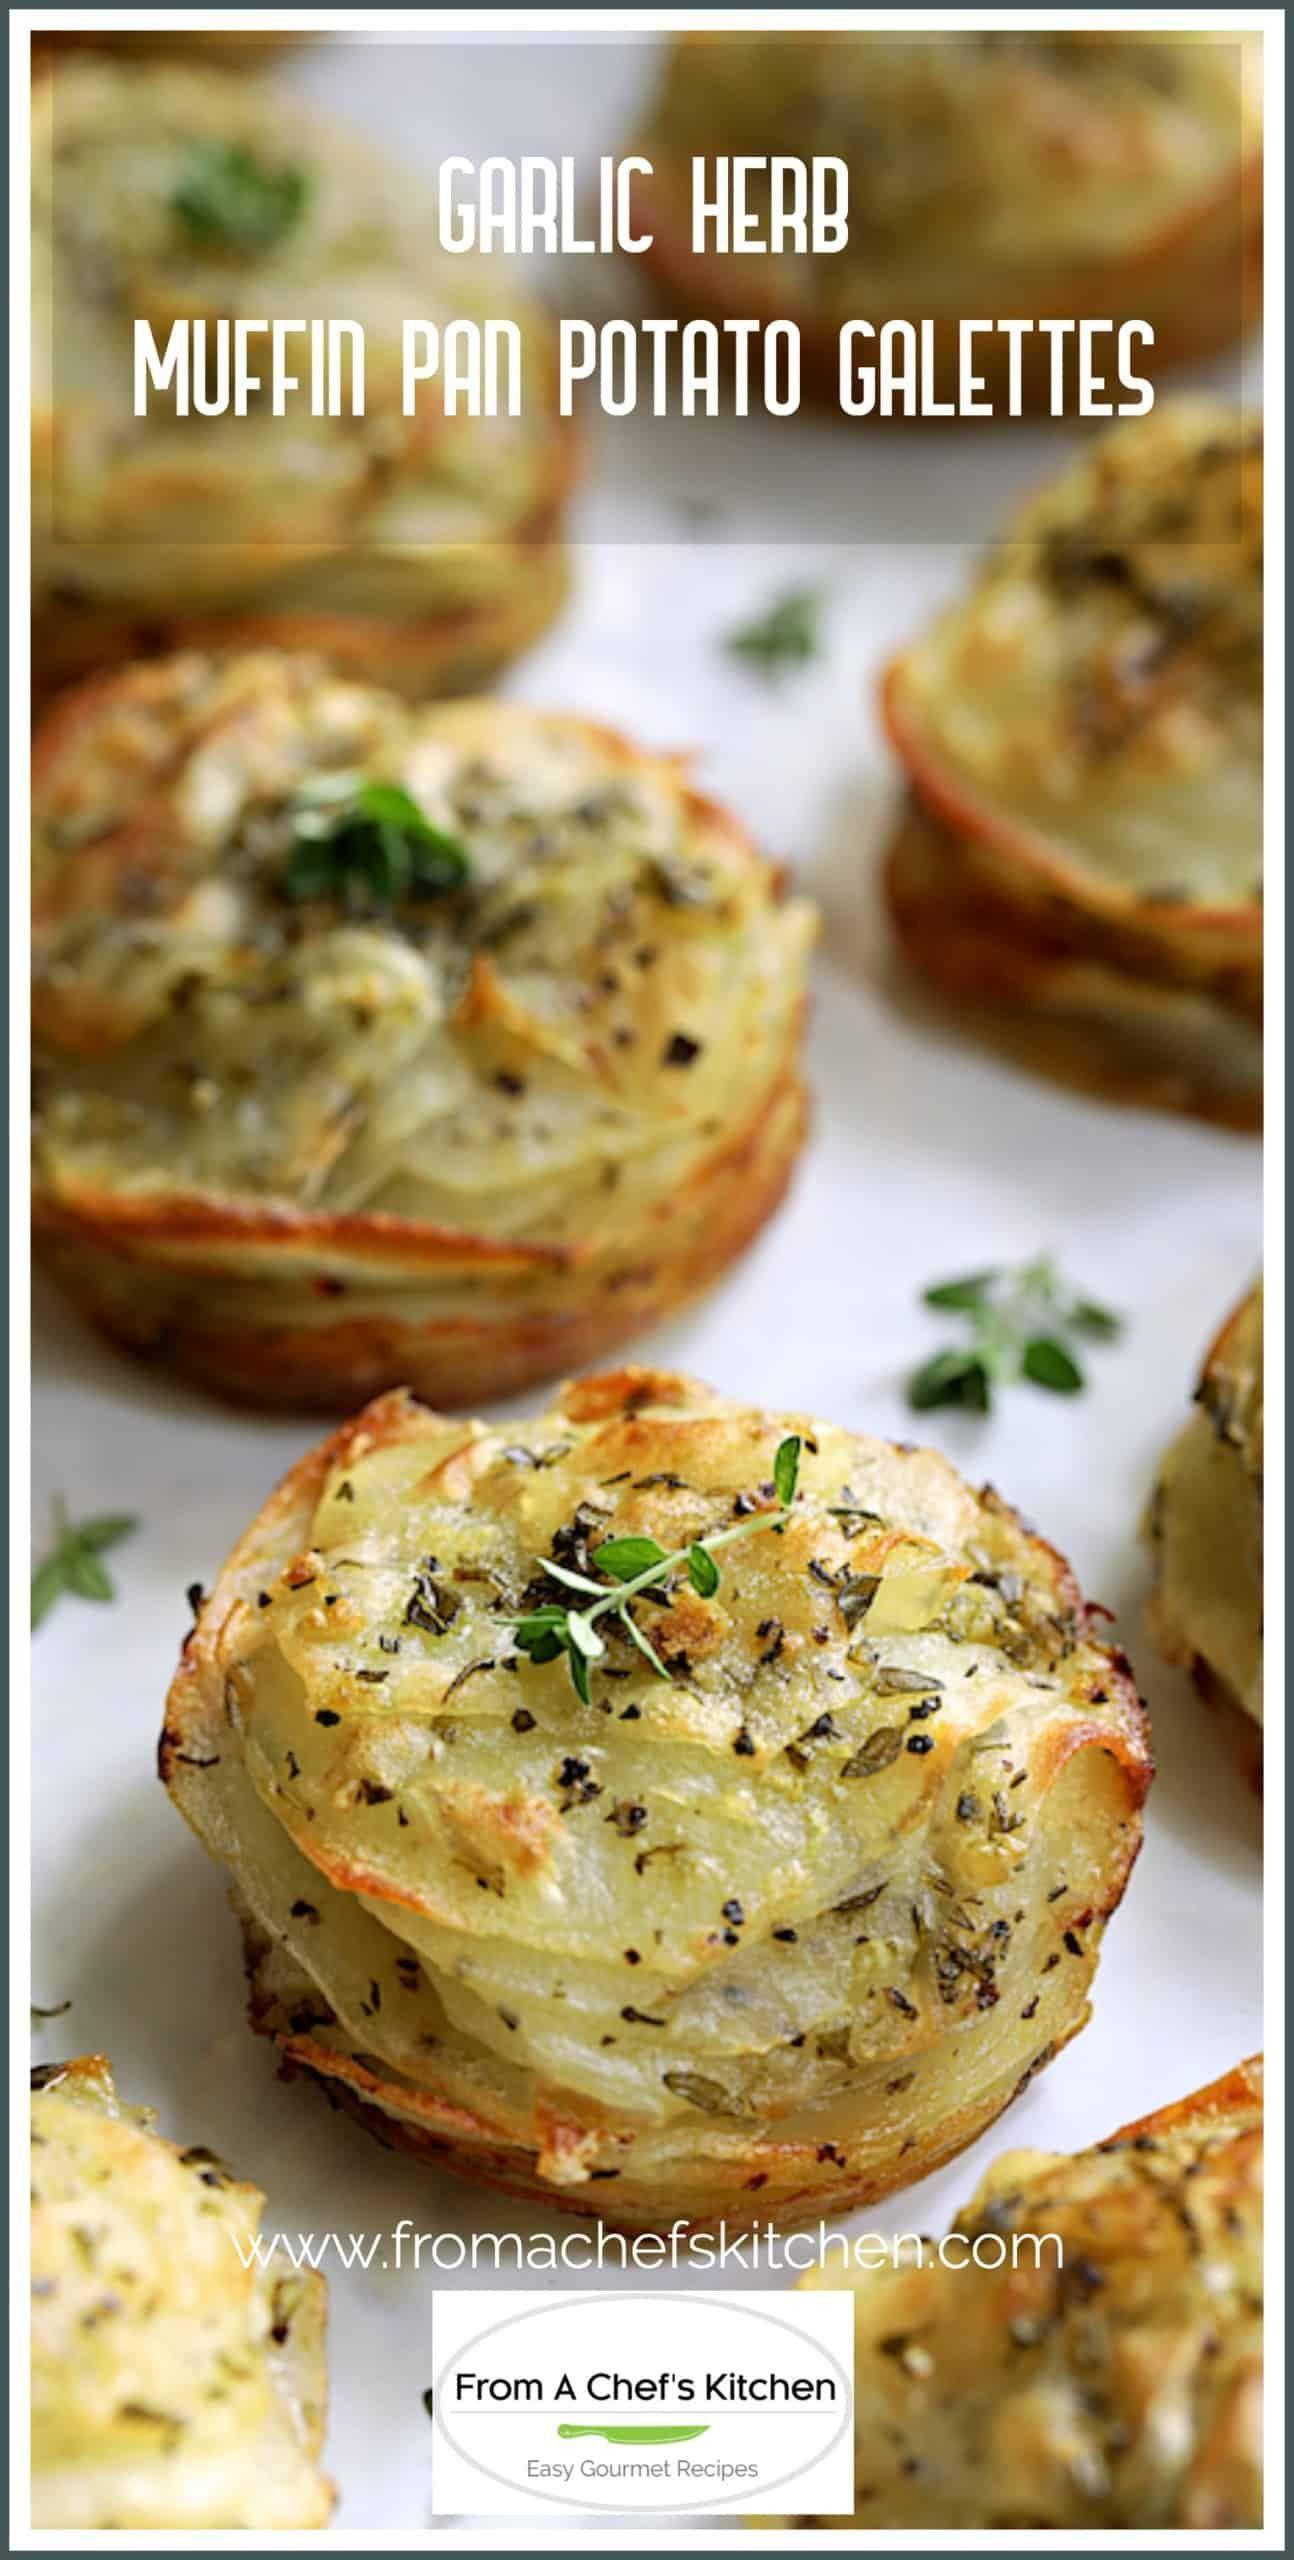 Garlic Herb Muffin Pan Potato Galettes